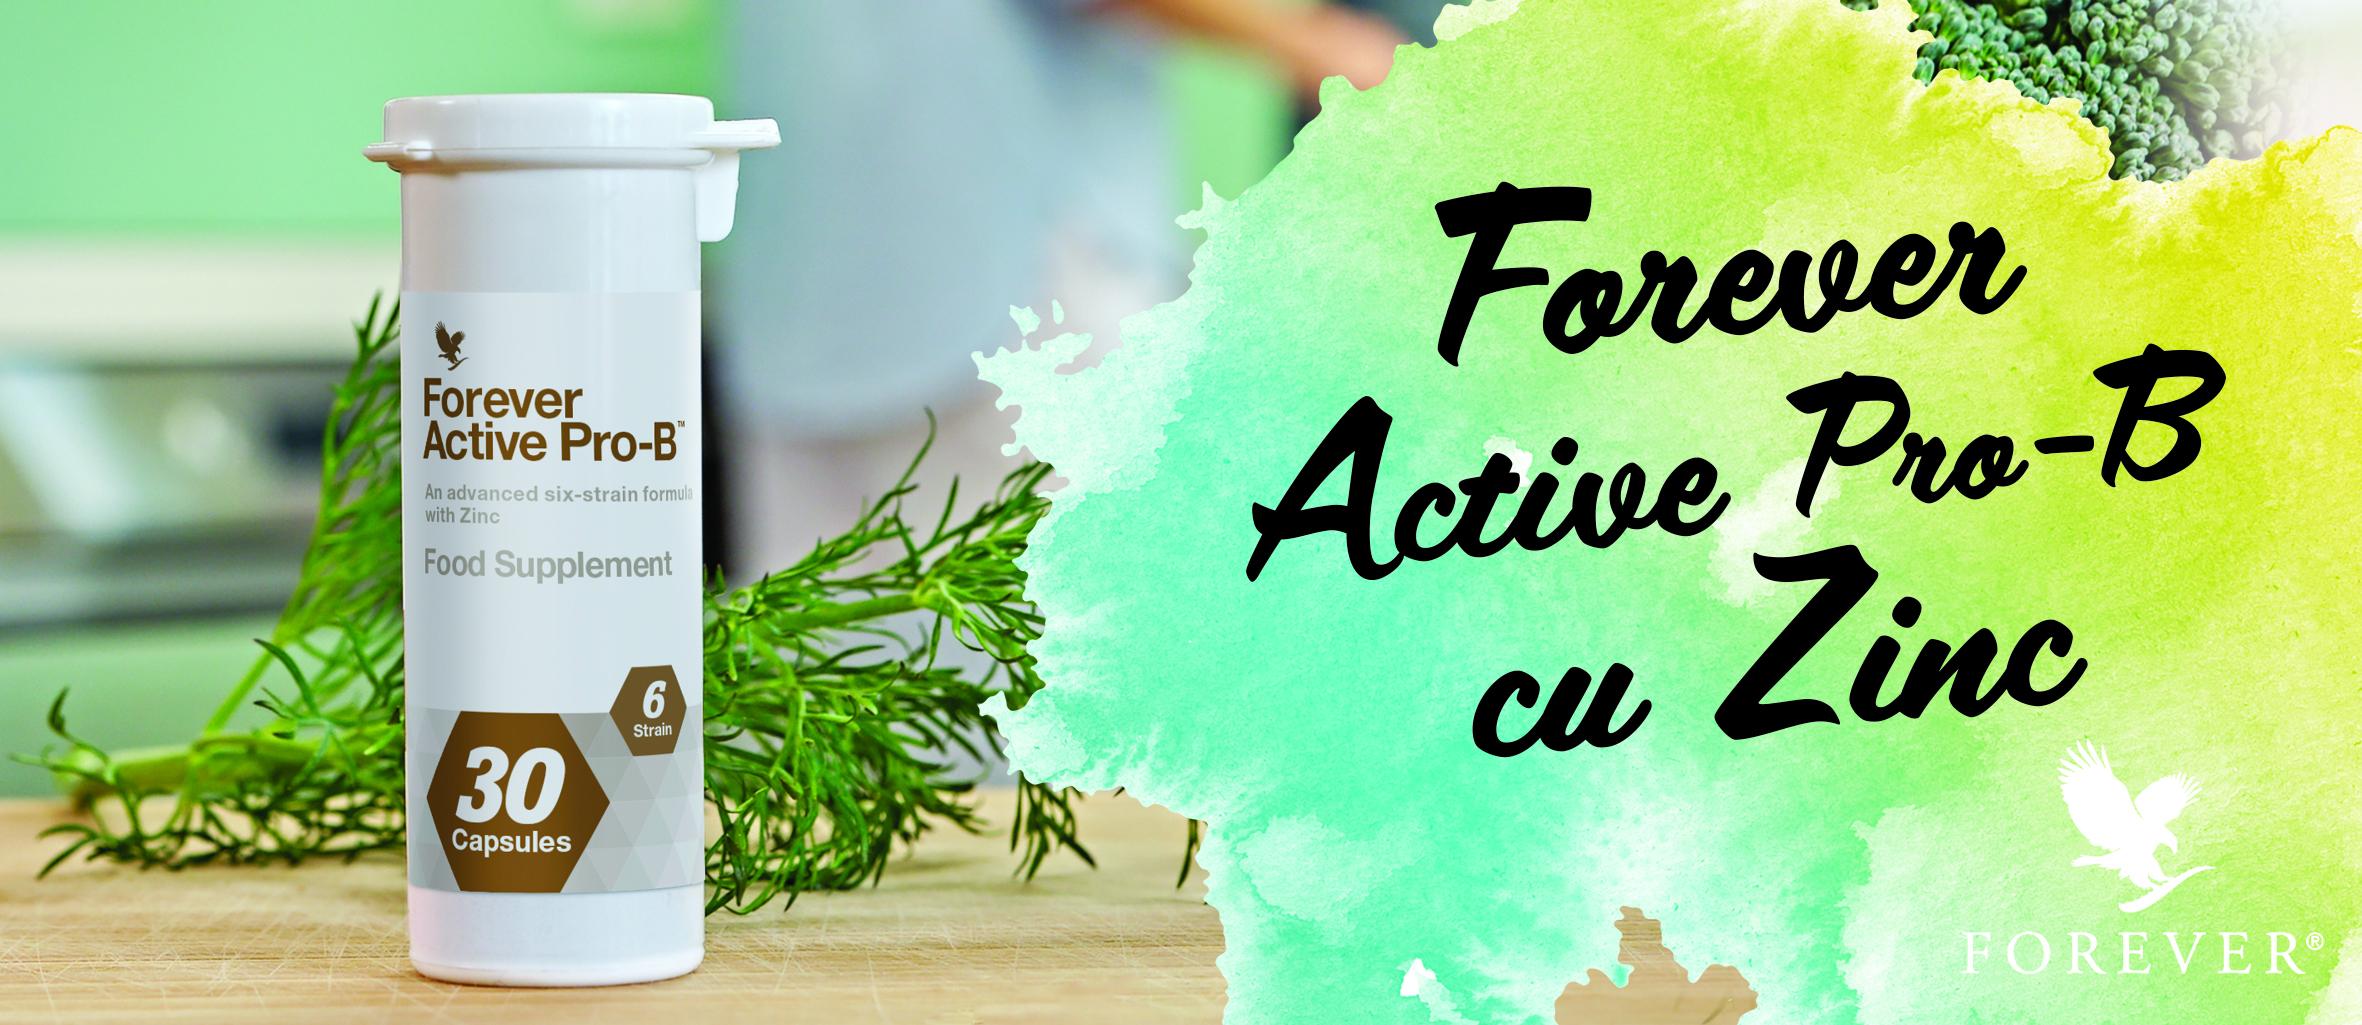 Forever Active pro-b cu zinc